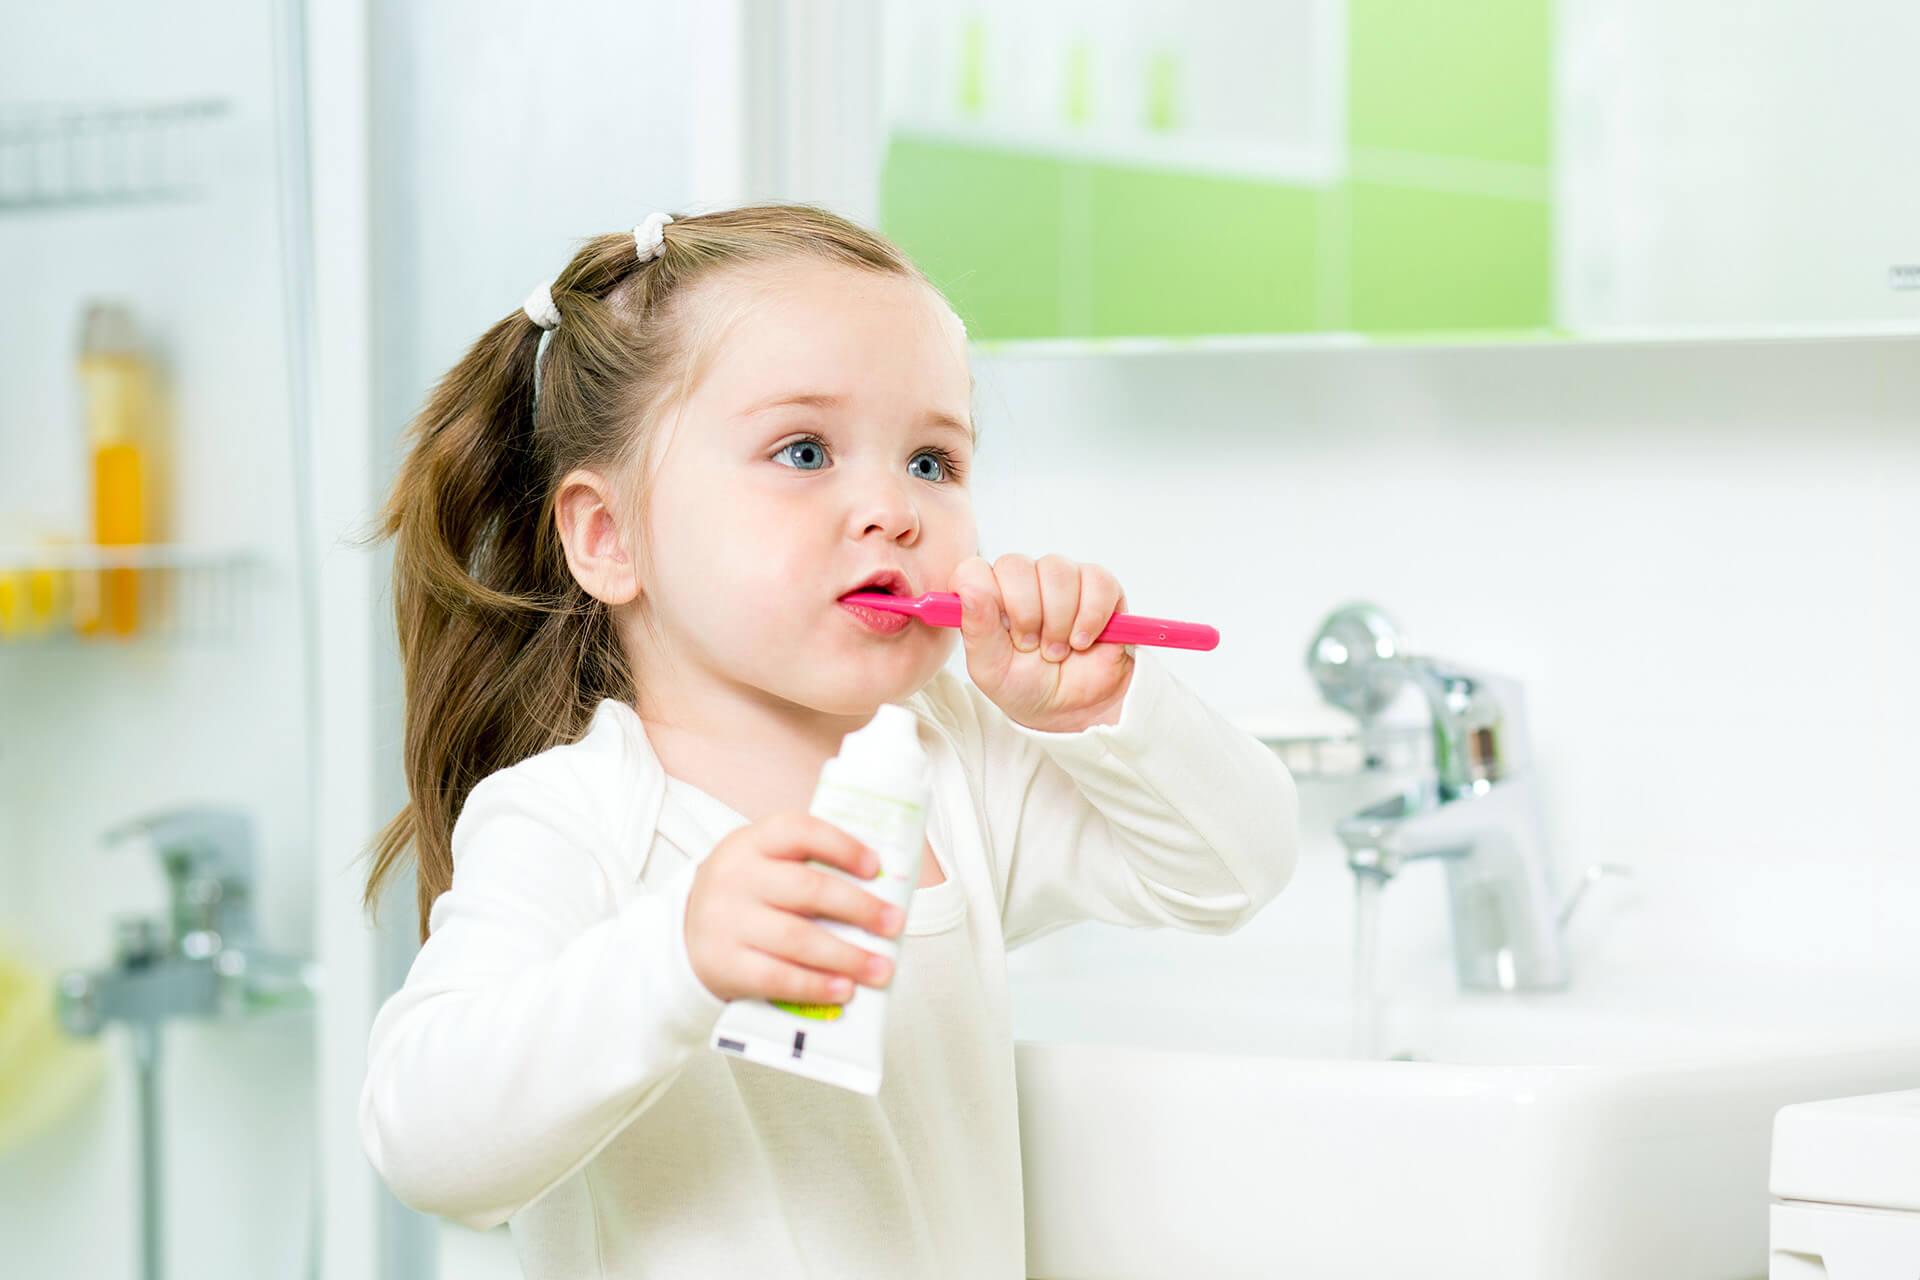 İlk Diş Fırçalaması Ne Zaman Olmalıdır?